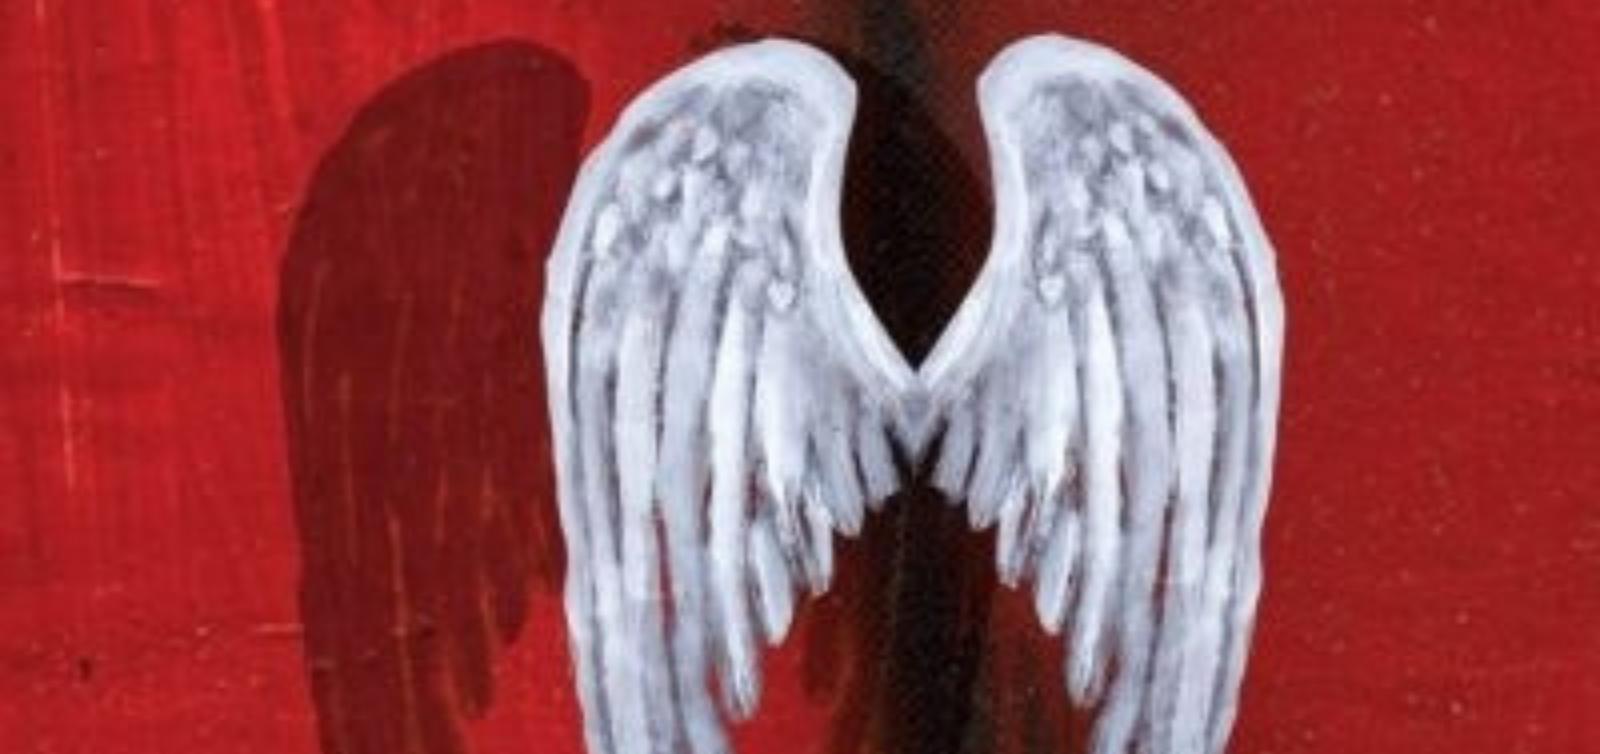 Paradis, clef en main, dernier livre de l'écrivaine québécoise culte Nelly Arcan, paraît peu après son suicide. Il s'agit d'un roman de science-fiction situé dans un futur proche où ceux pour qui « la vie est une impasse » peuvent engager l'entreprise Paradis, clef en main pour orchestrer leur suicide. Avis lecture sur lilitherature.com.